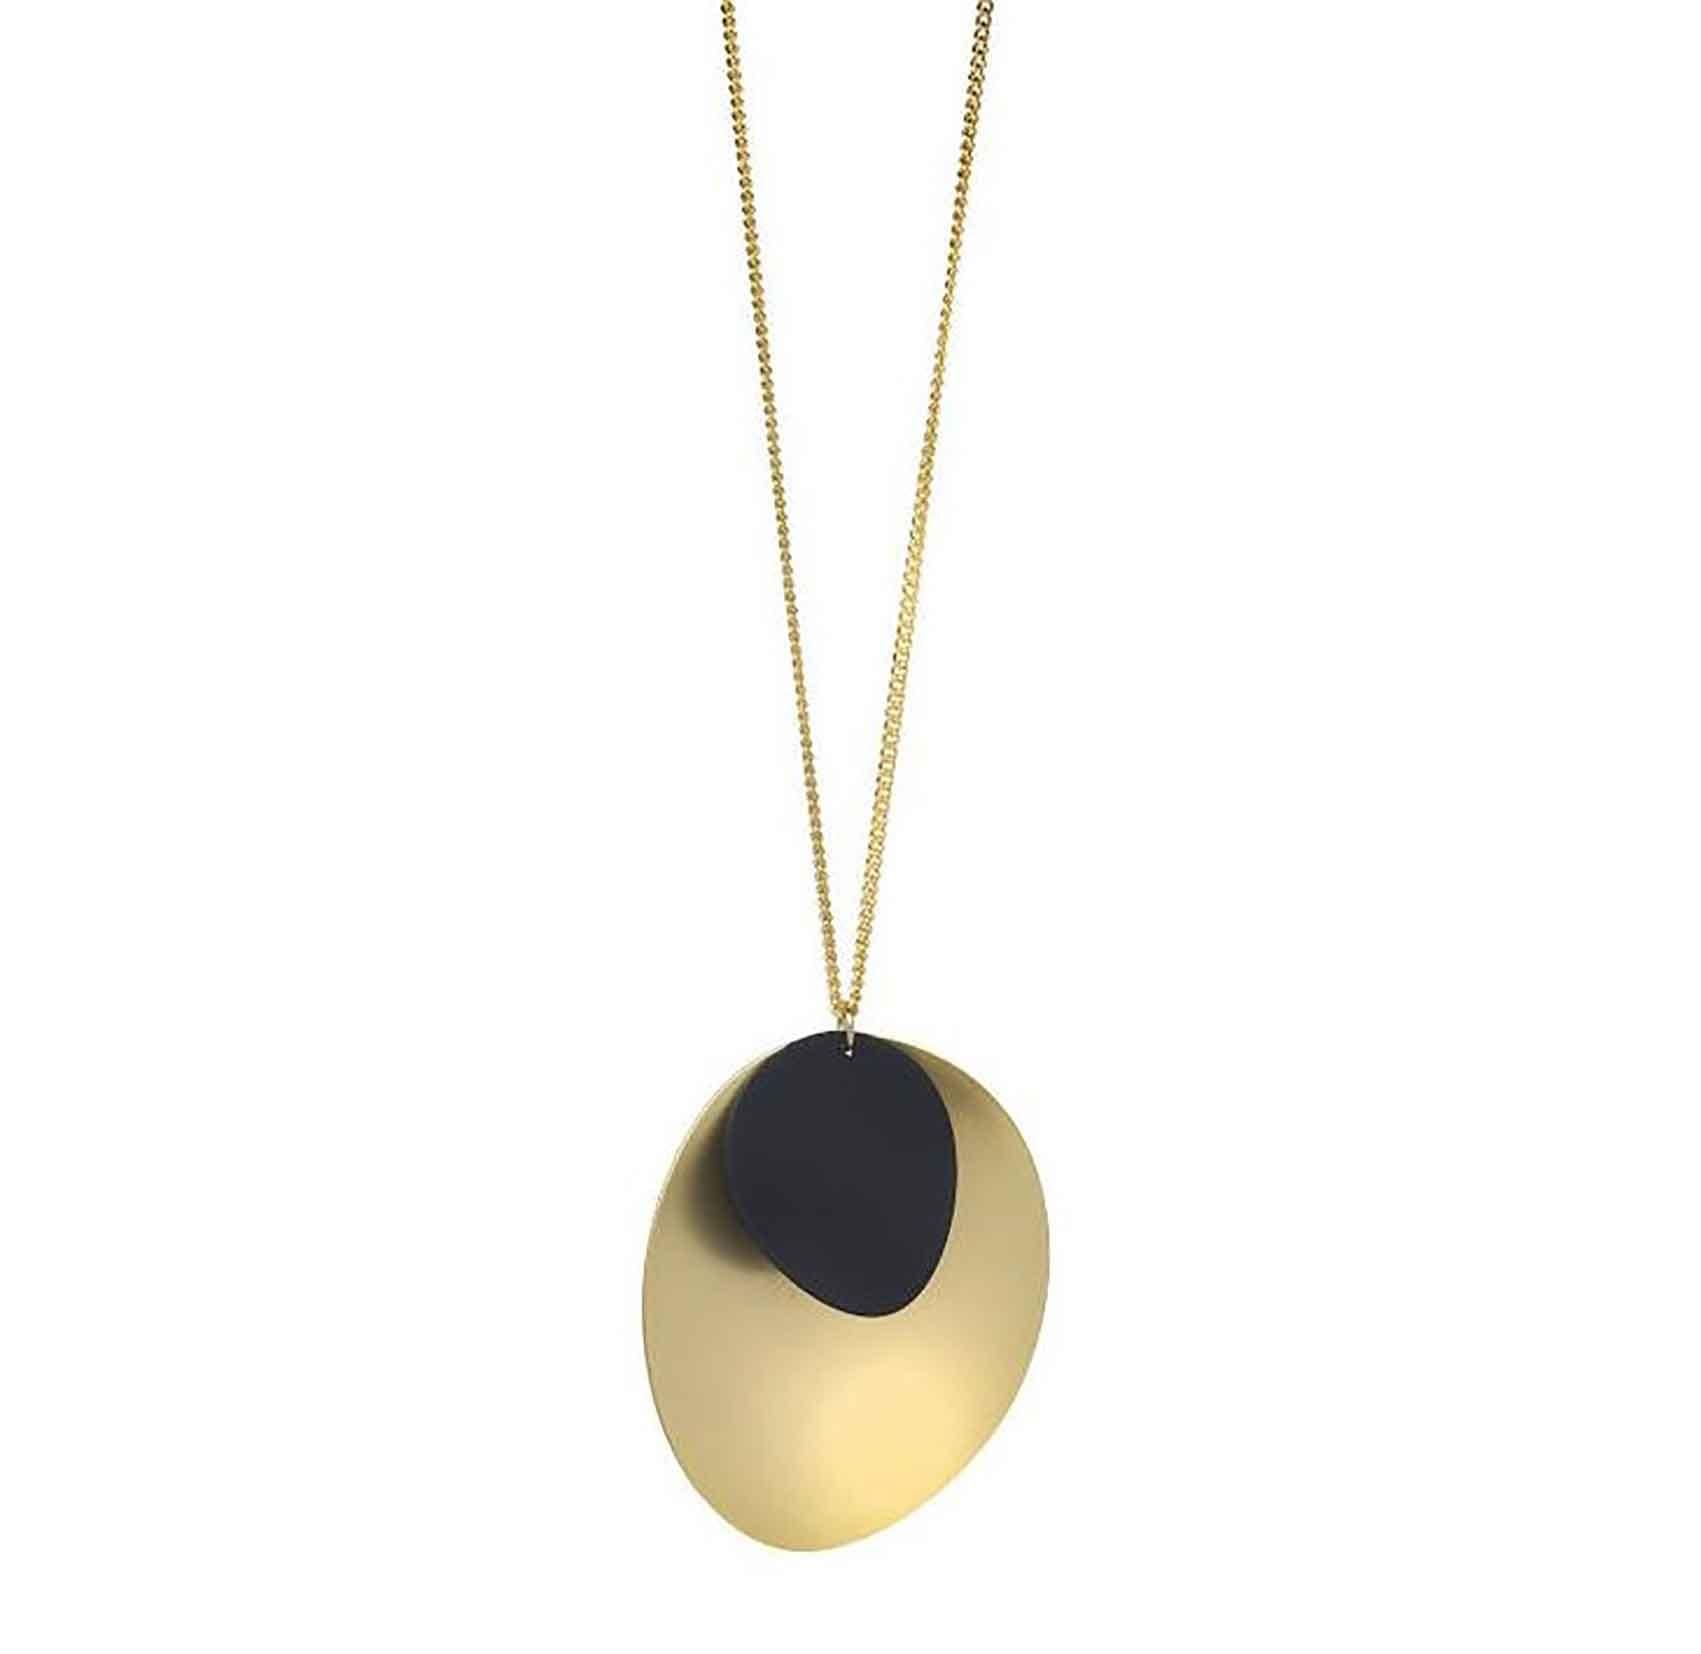 טרנדים-תכשיטים-רוני-כהן-מעצבת-תכשיטים-מגזין-אופנה-אונליין-אופנה-2021-מגזין-אופנה-דיגטלי-סטייל